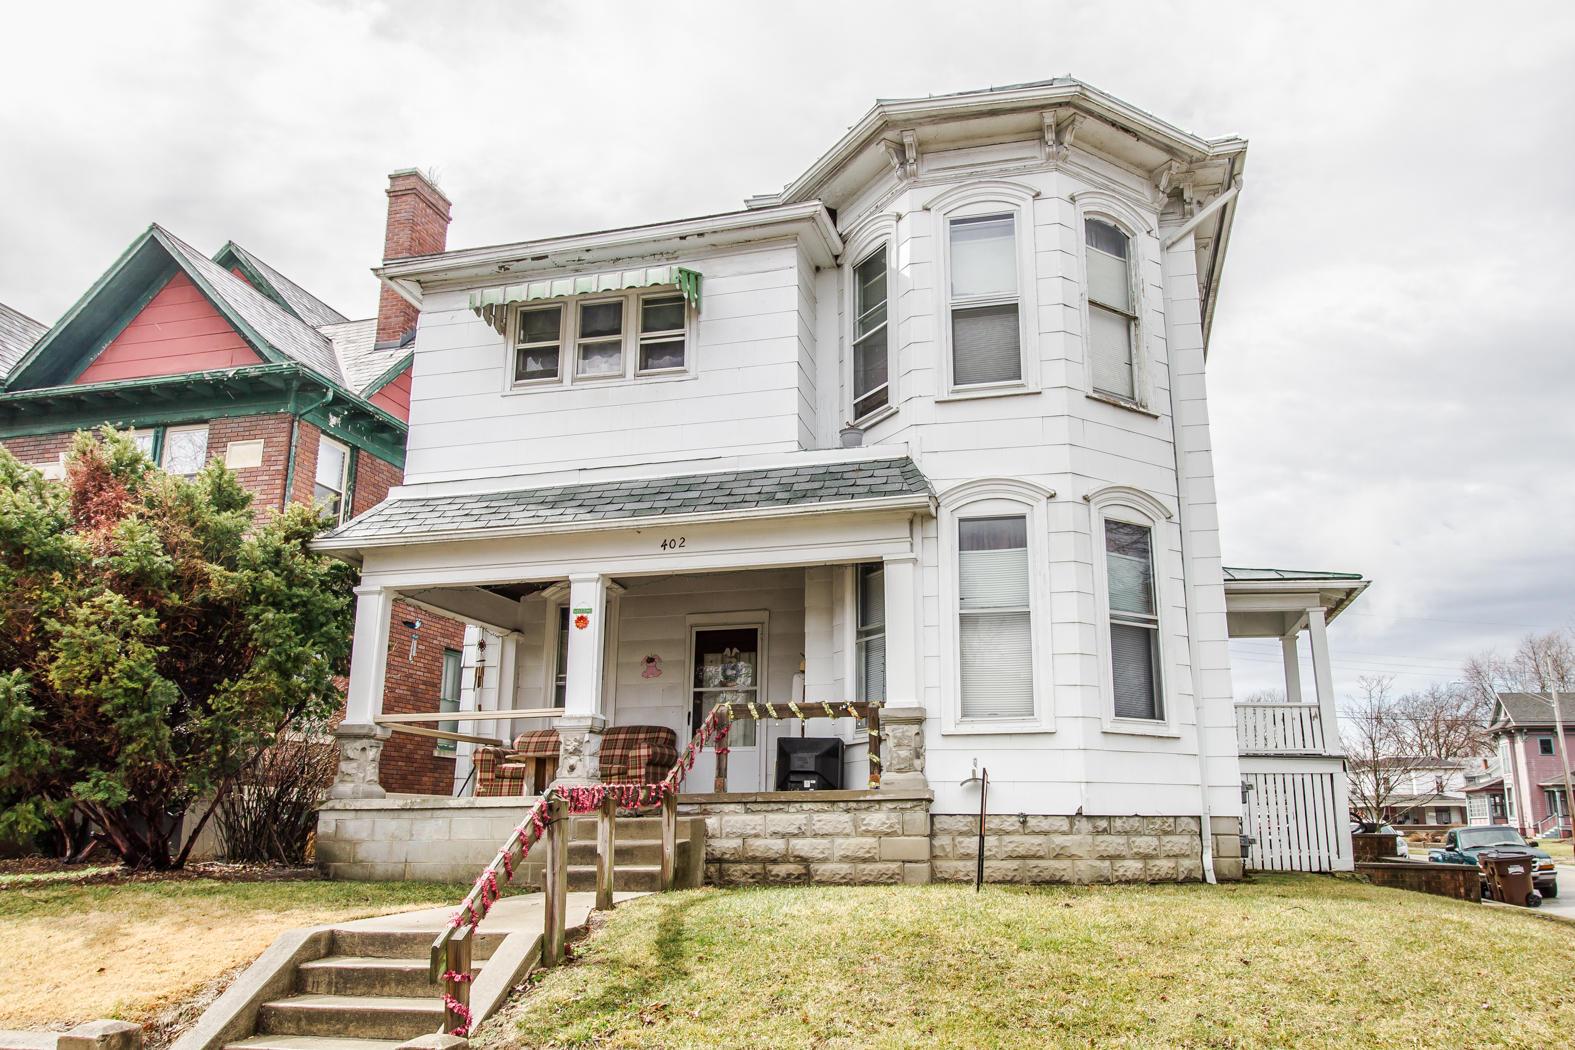 402 Washington Property Photo 1